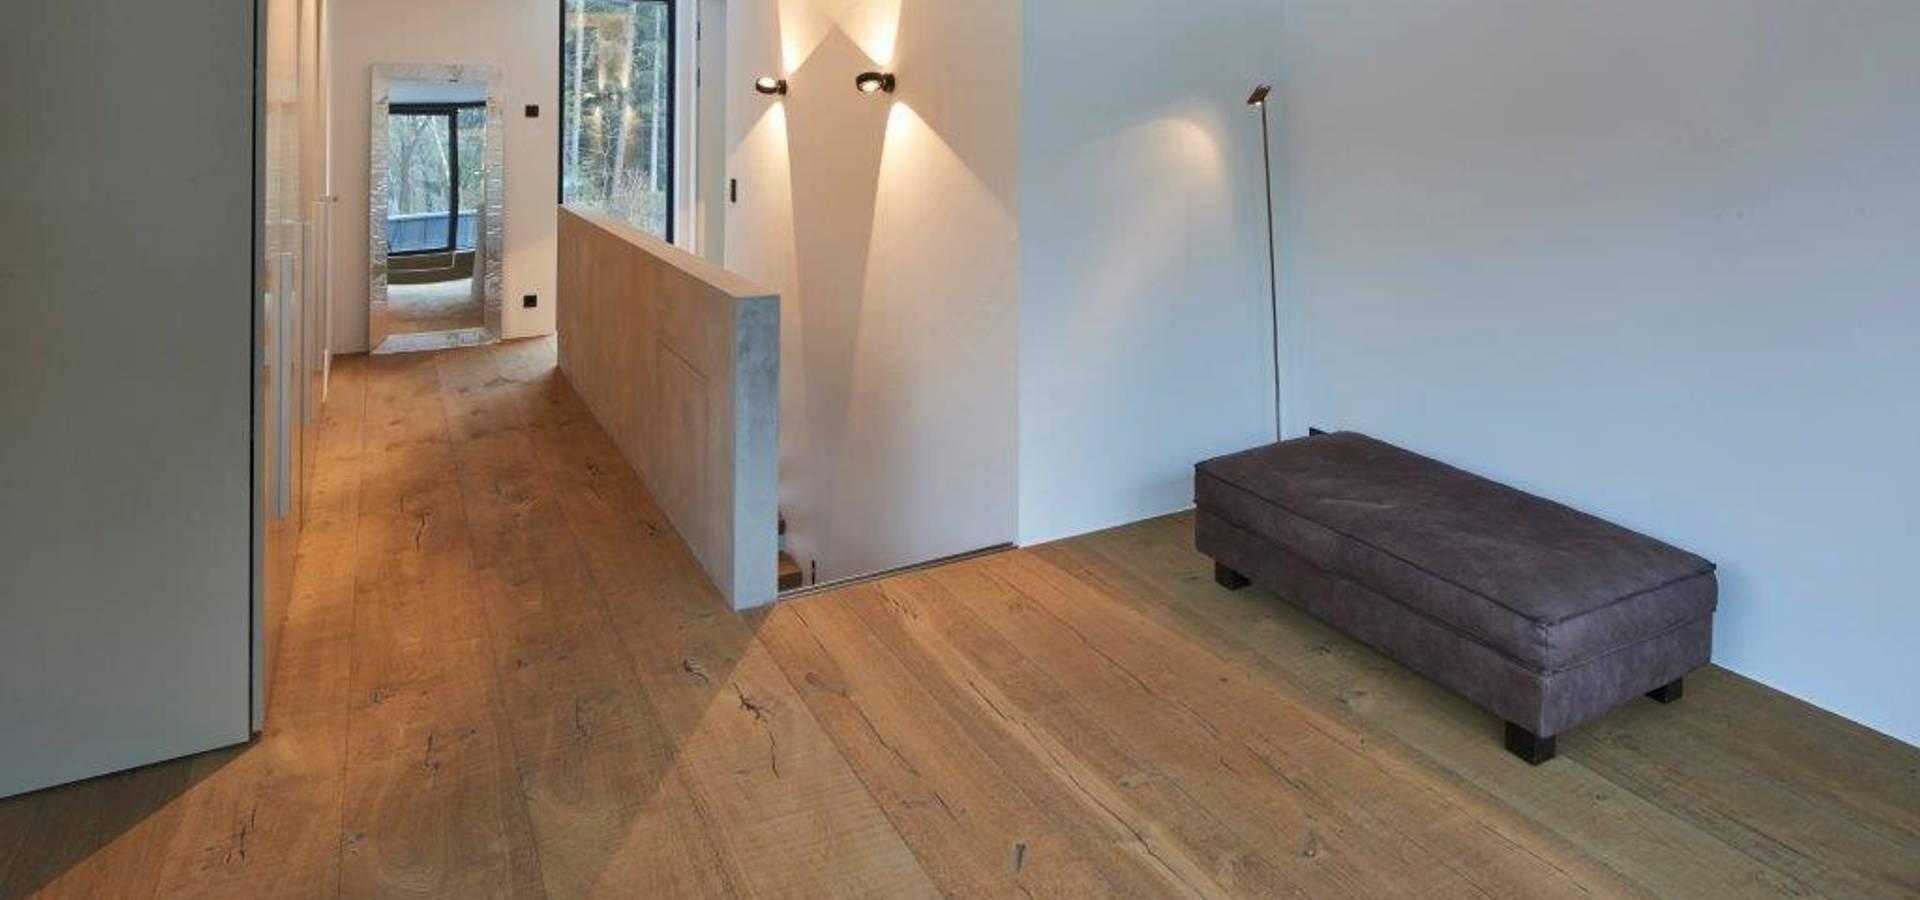 Parkett Rosenheim unser showroom in rosenheim by parkett leuthe gmbh homify